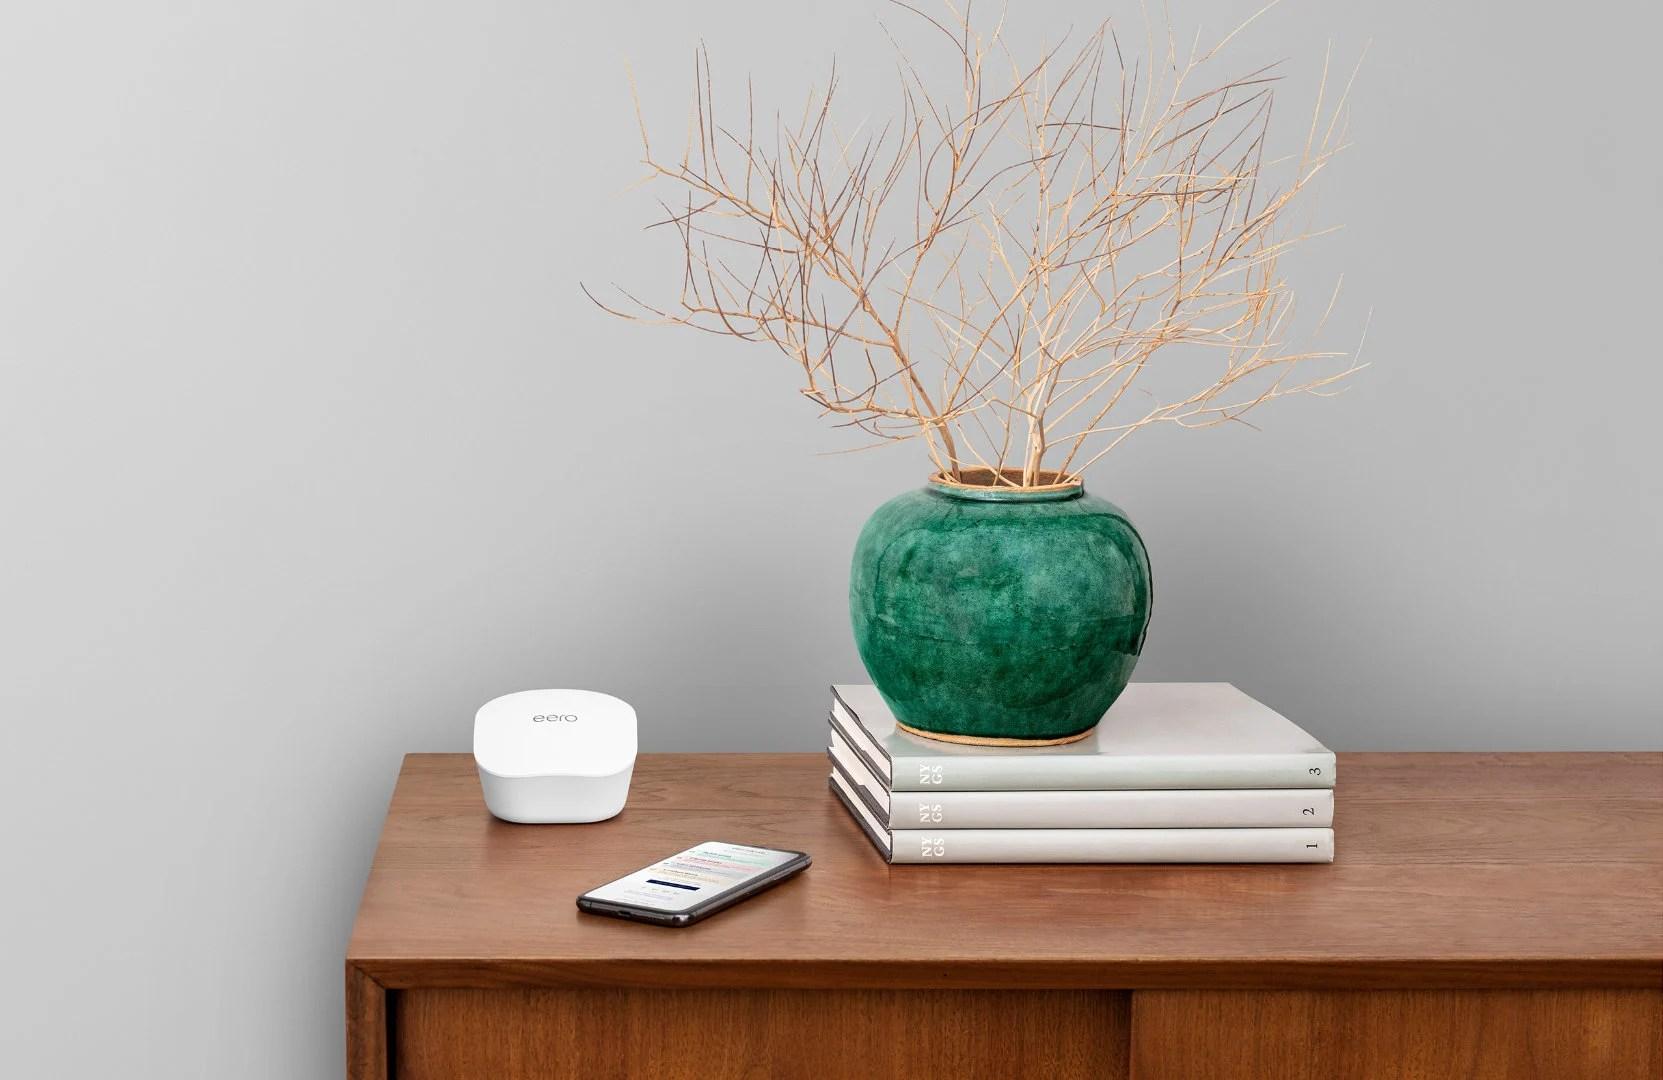 Test d'Amazon eero : le système Wi-Fi maillé compatible Alexa